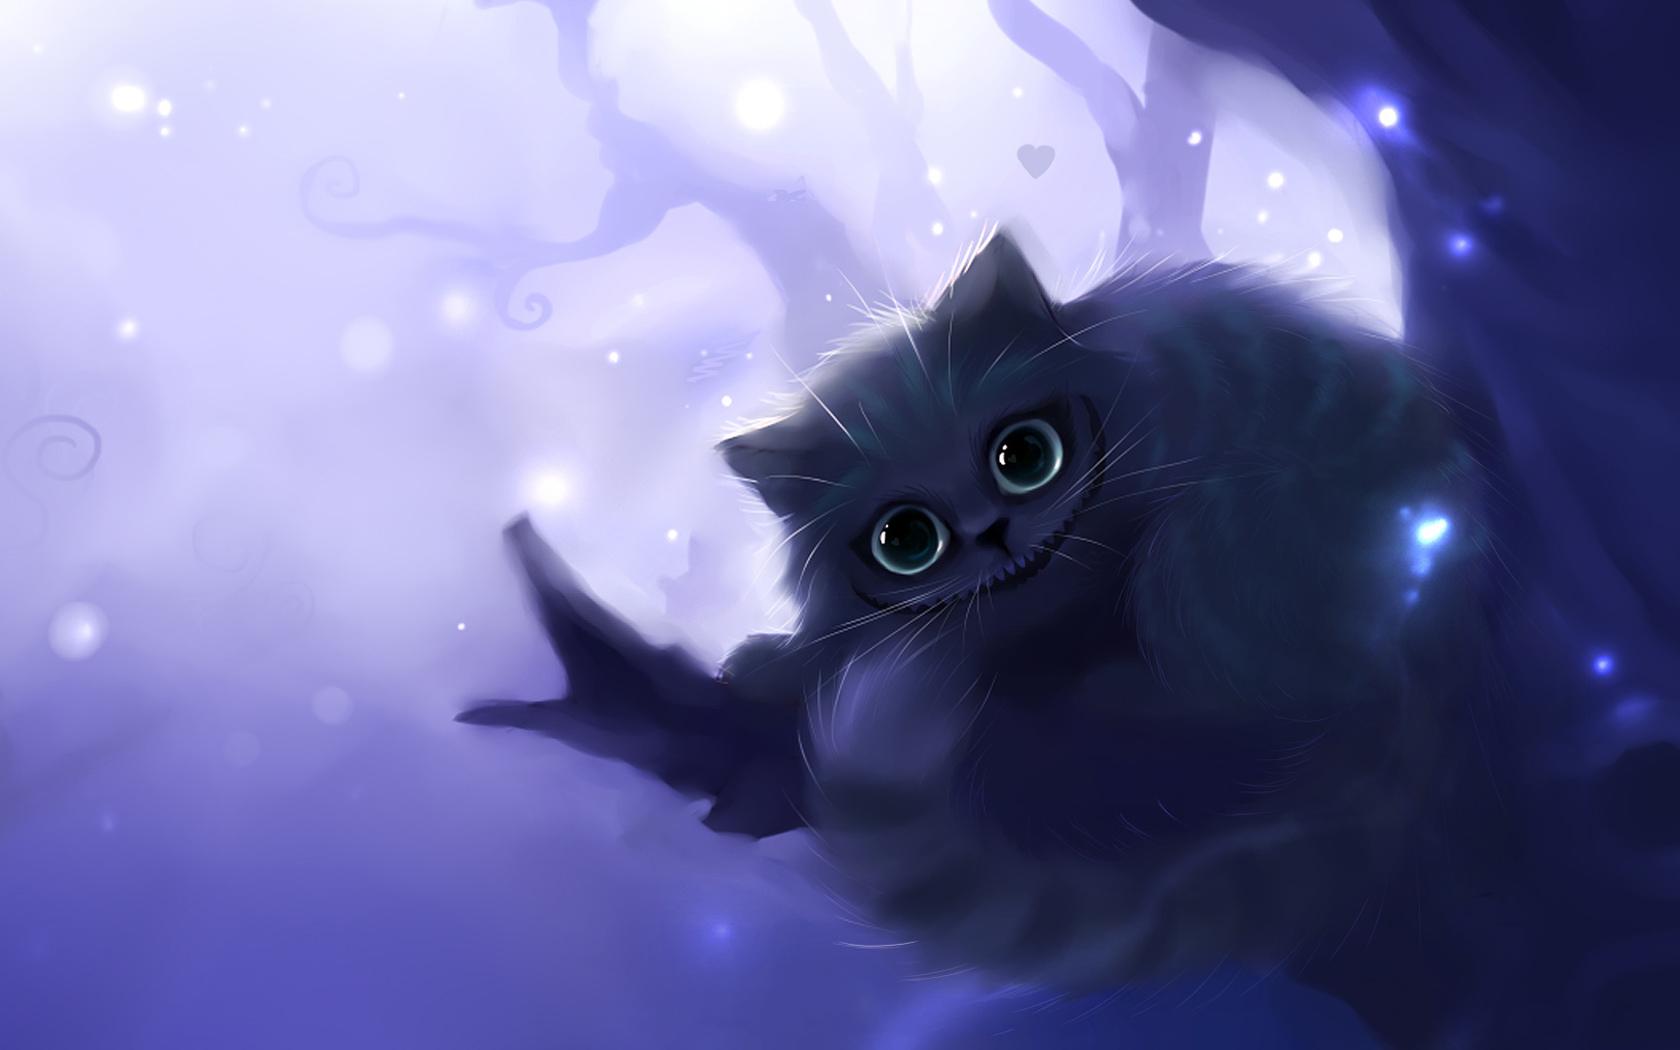 Cheshire Cat   The Cheshire Cat Wallpaper 30944440 1680x1050